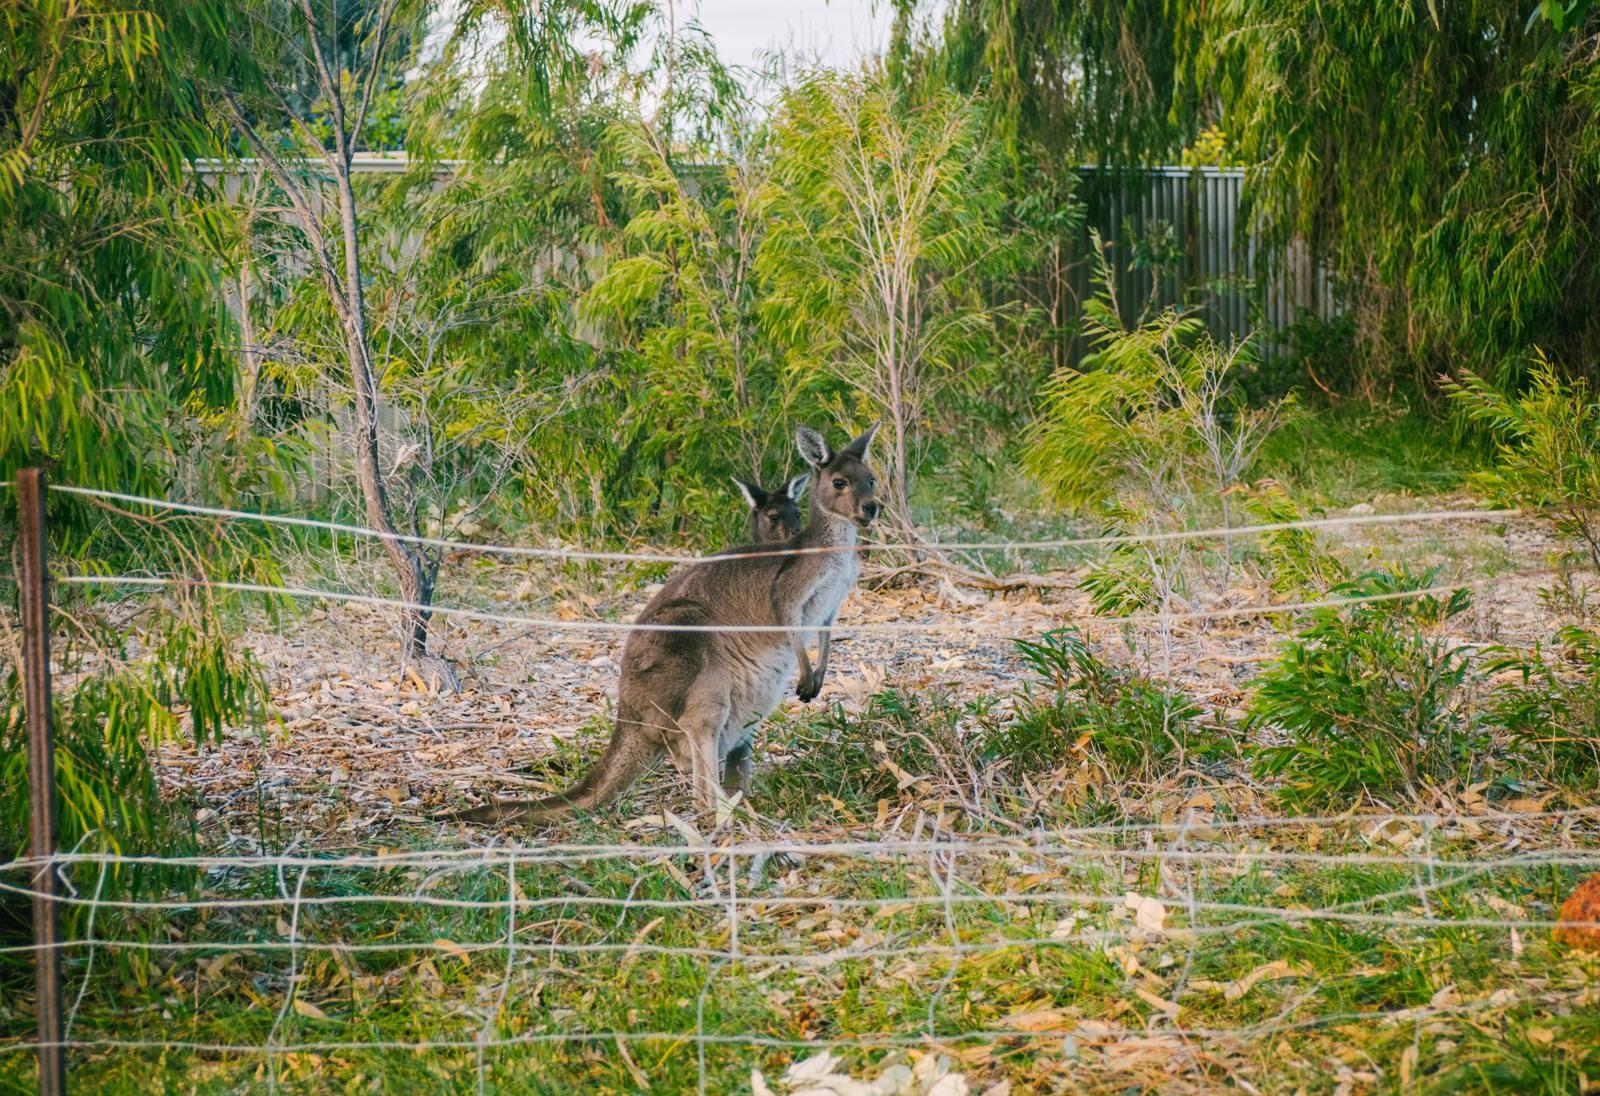 Perth, Australia - Preston beach - Kangaroos